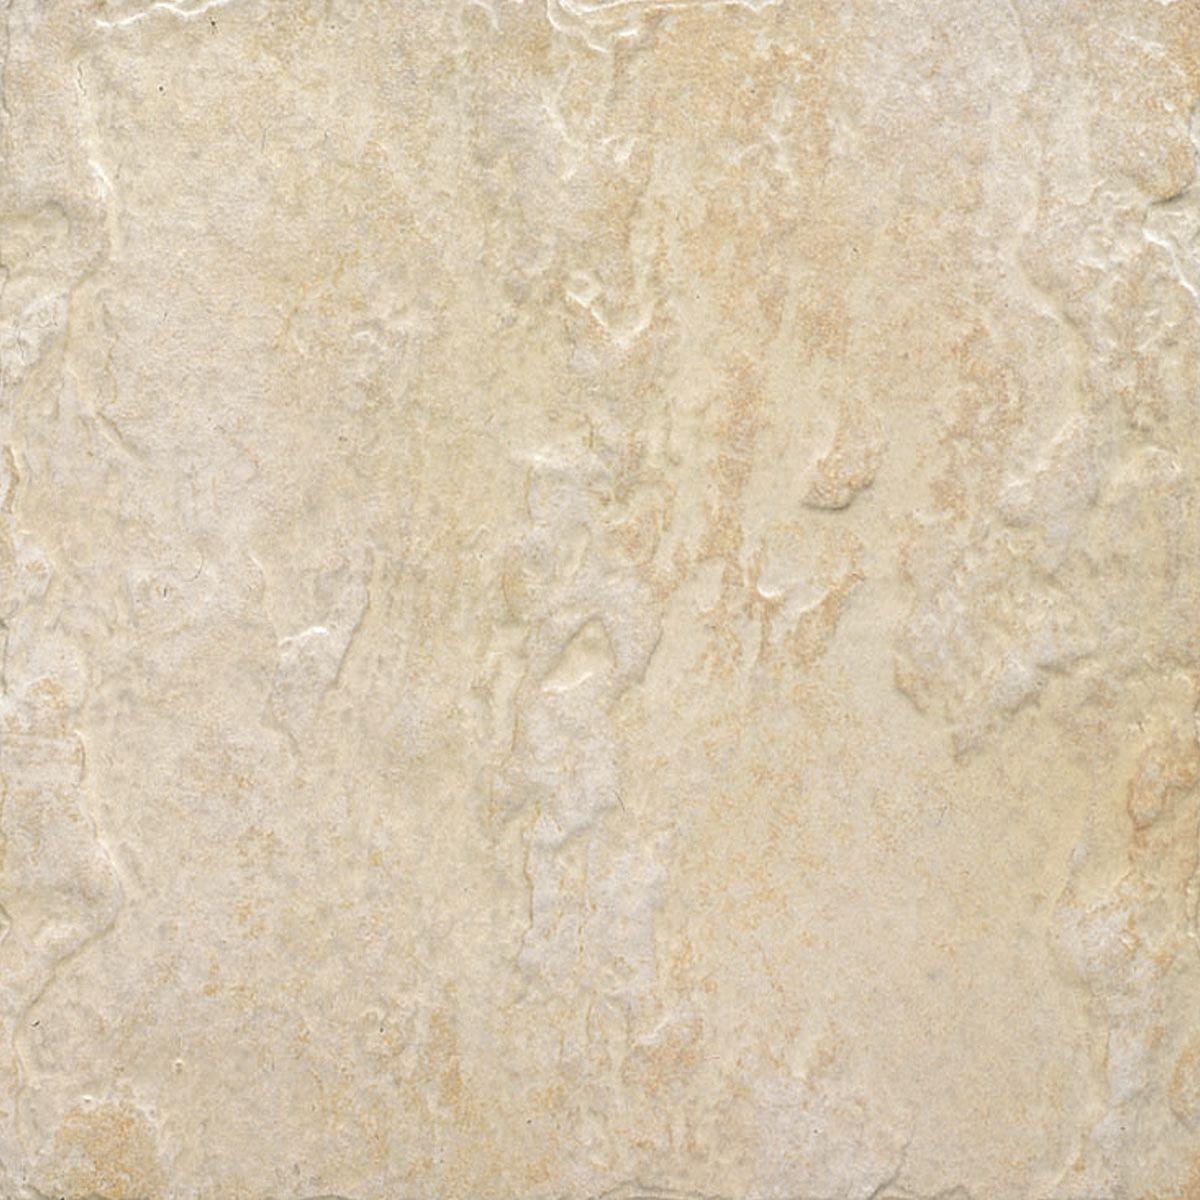 Prezzi pavimenti per esterni pavimenti in laminato modena - Piastrelle 10x10 sale e pepe ...